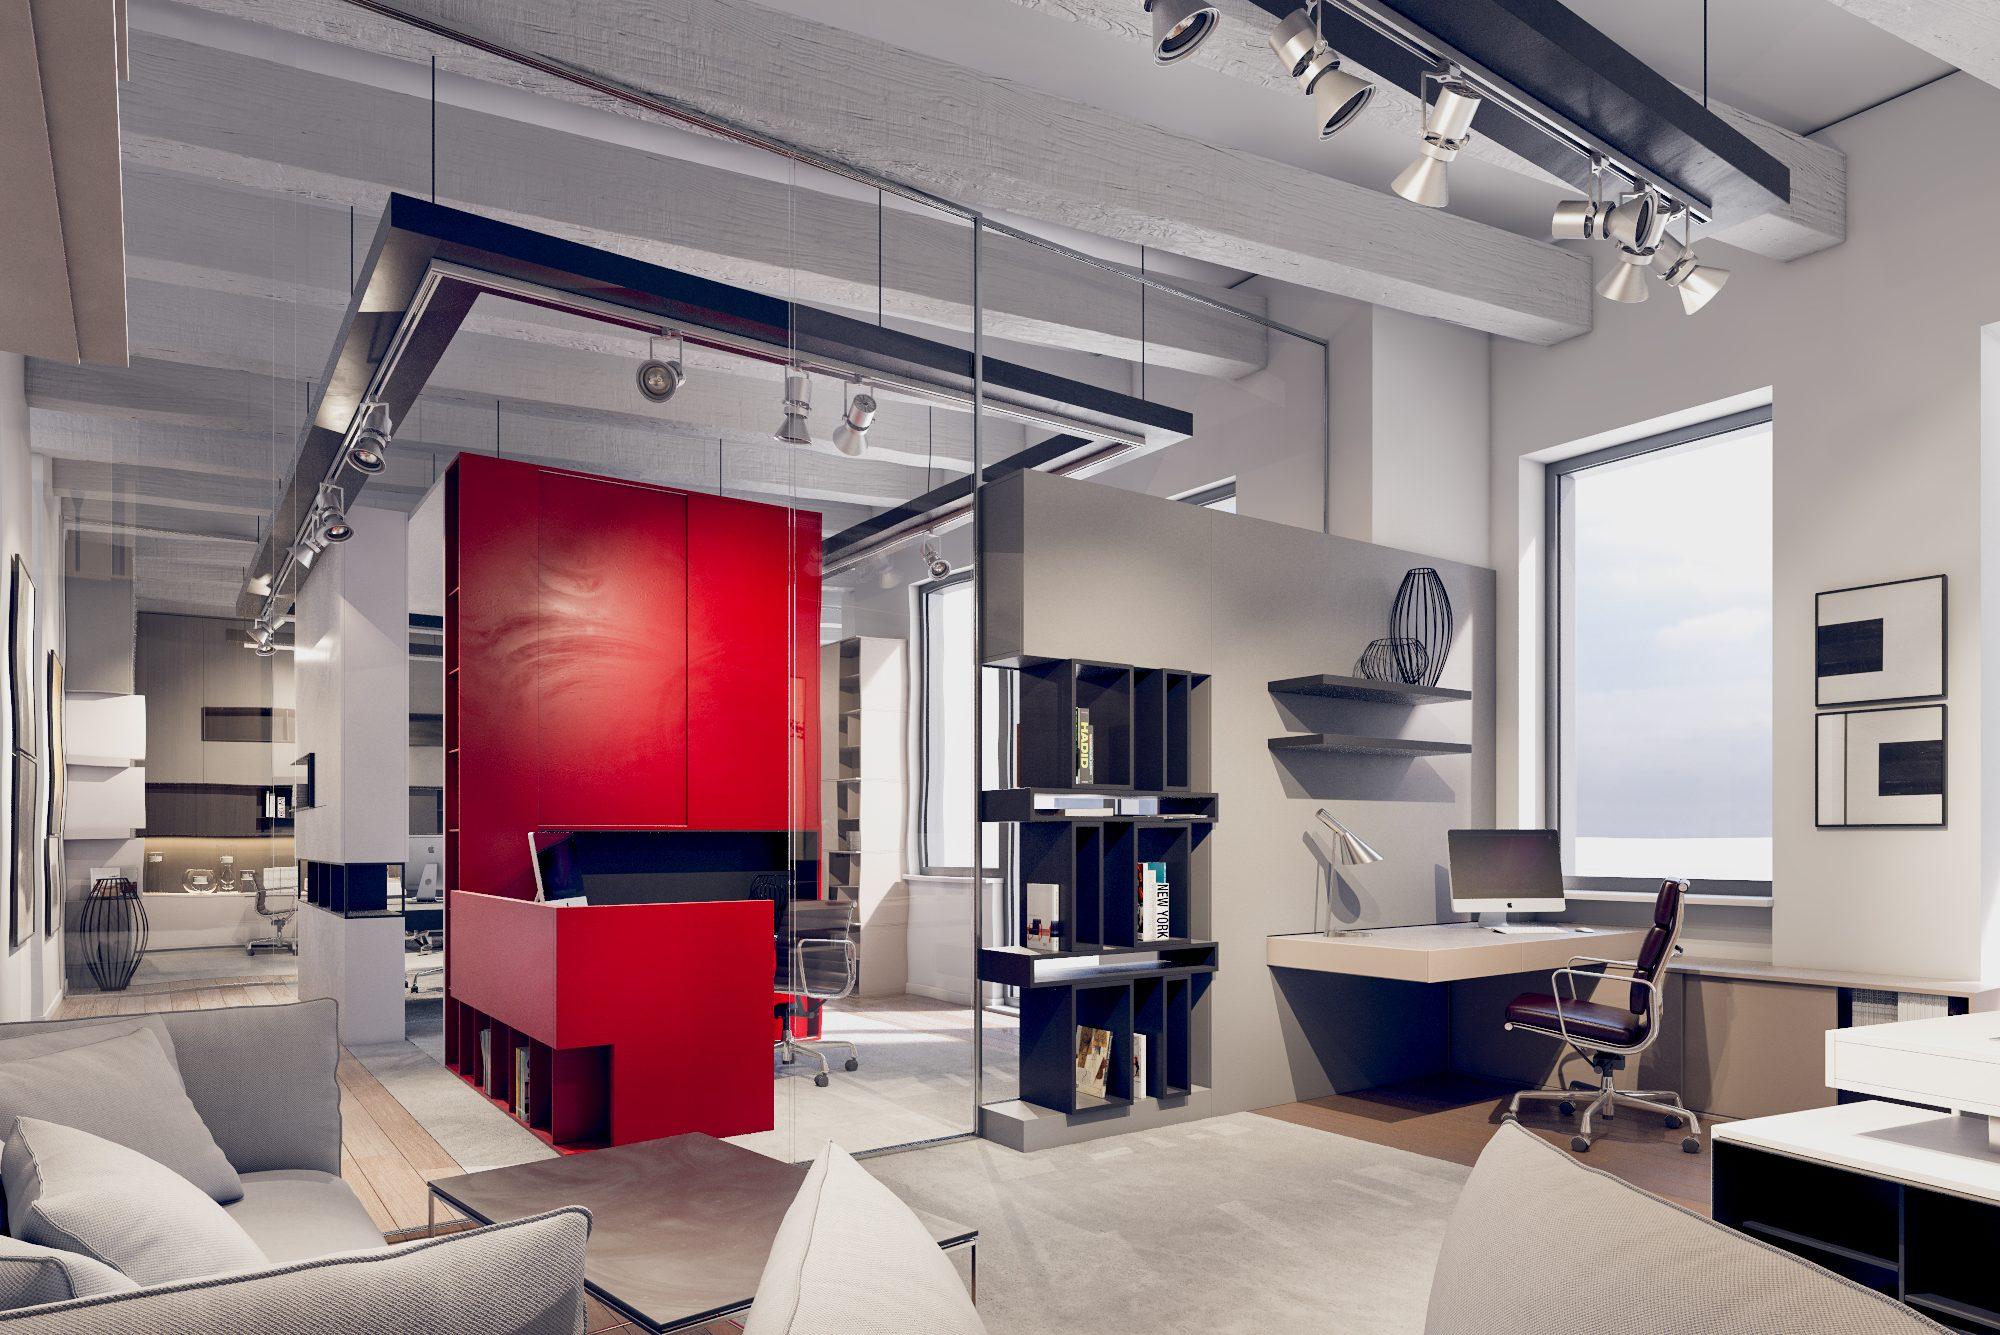 Dizajn interiéru kancelárie komerčné priestory office